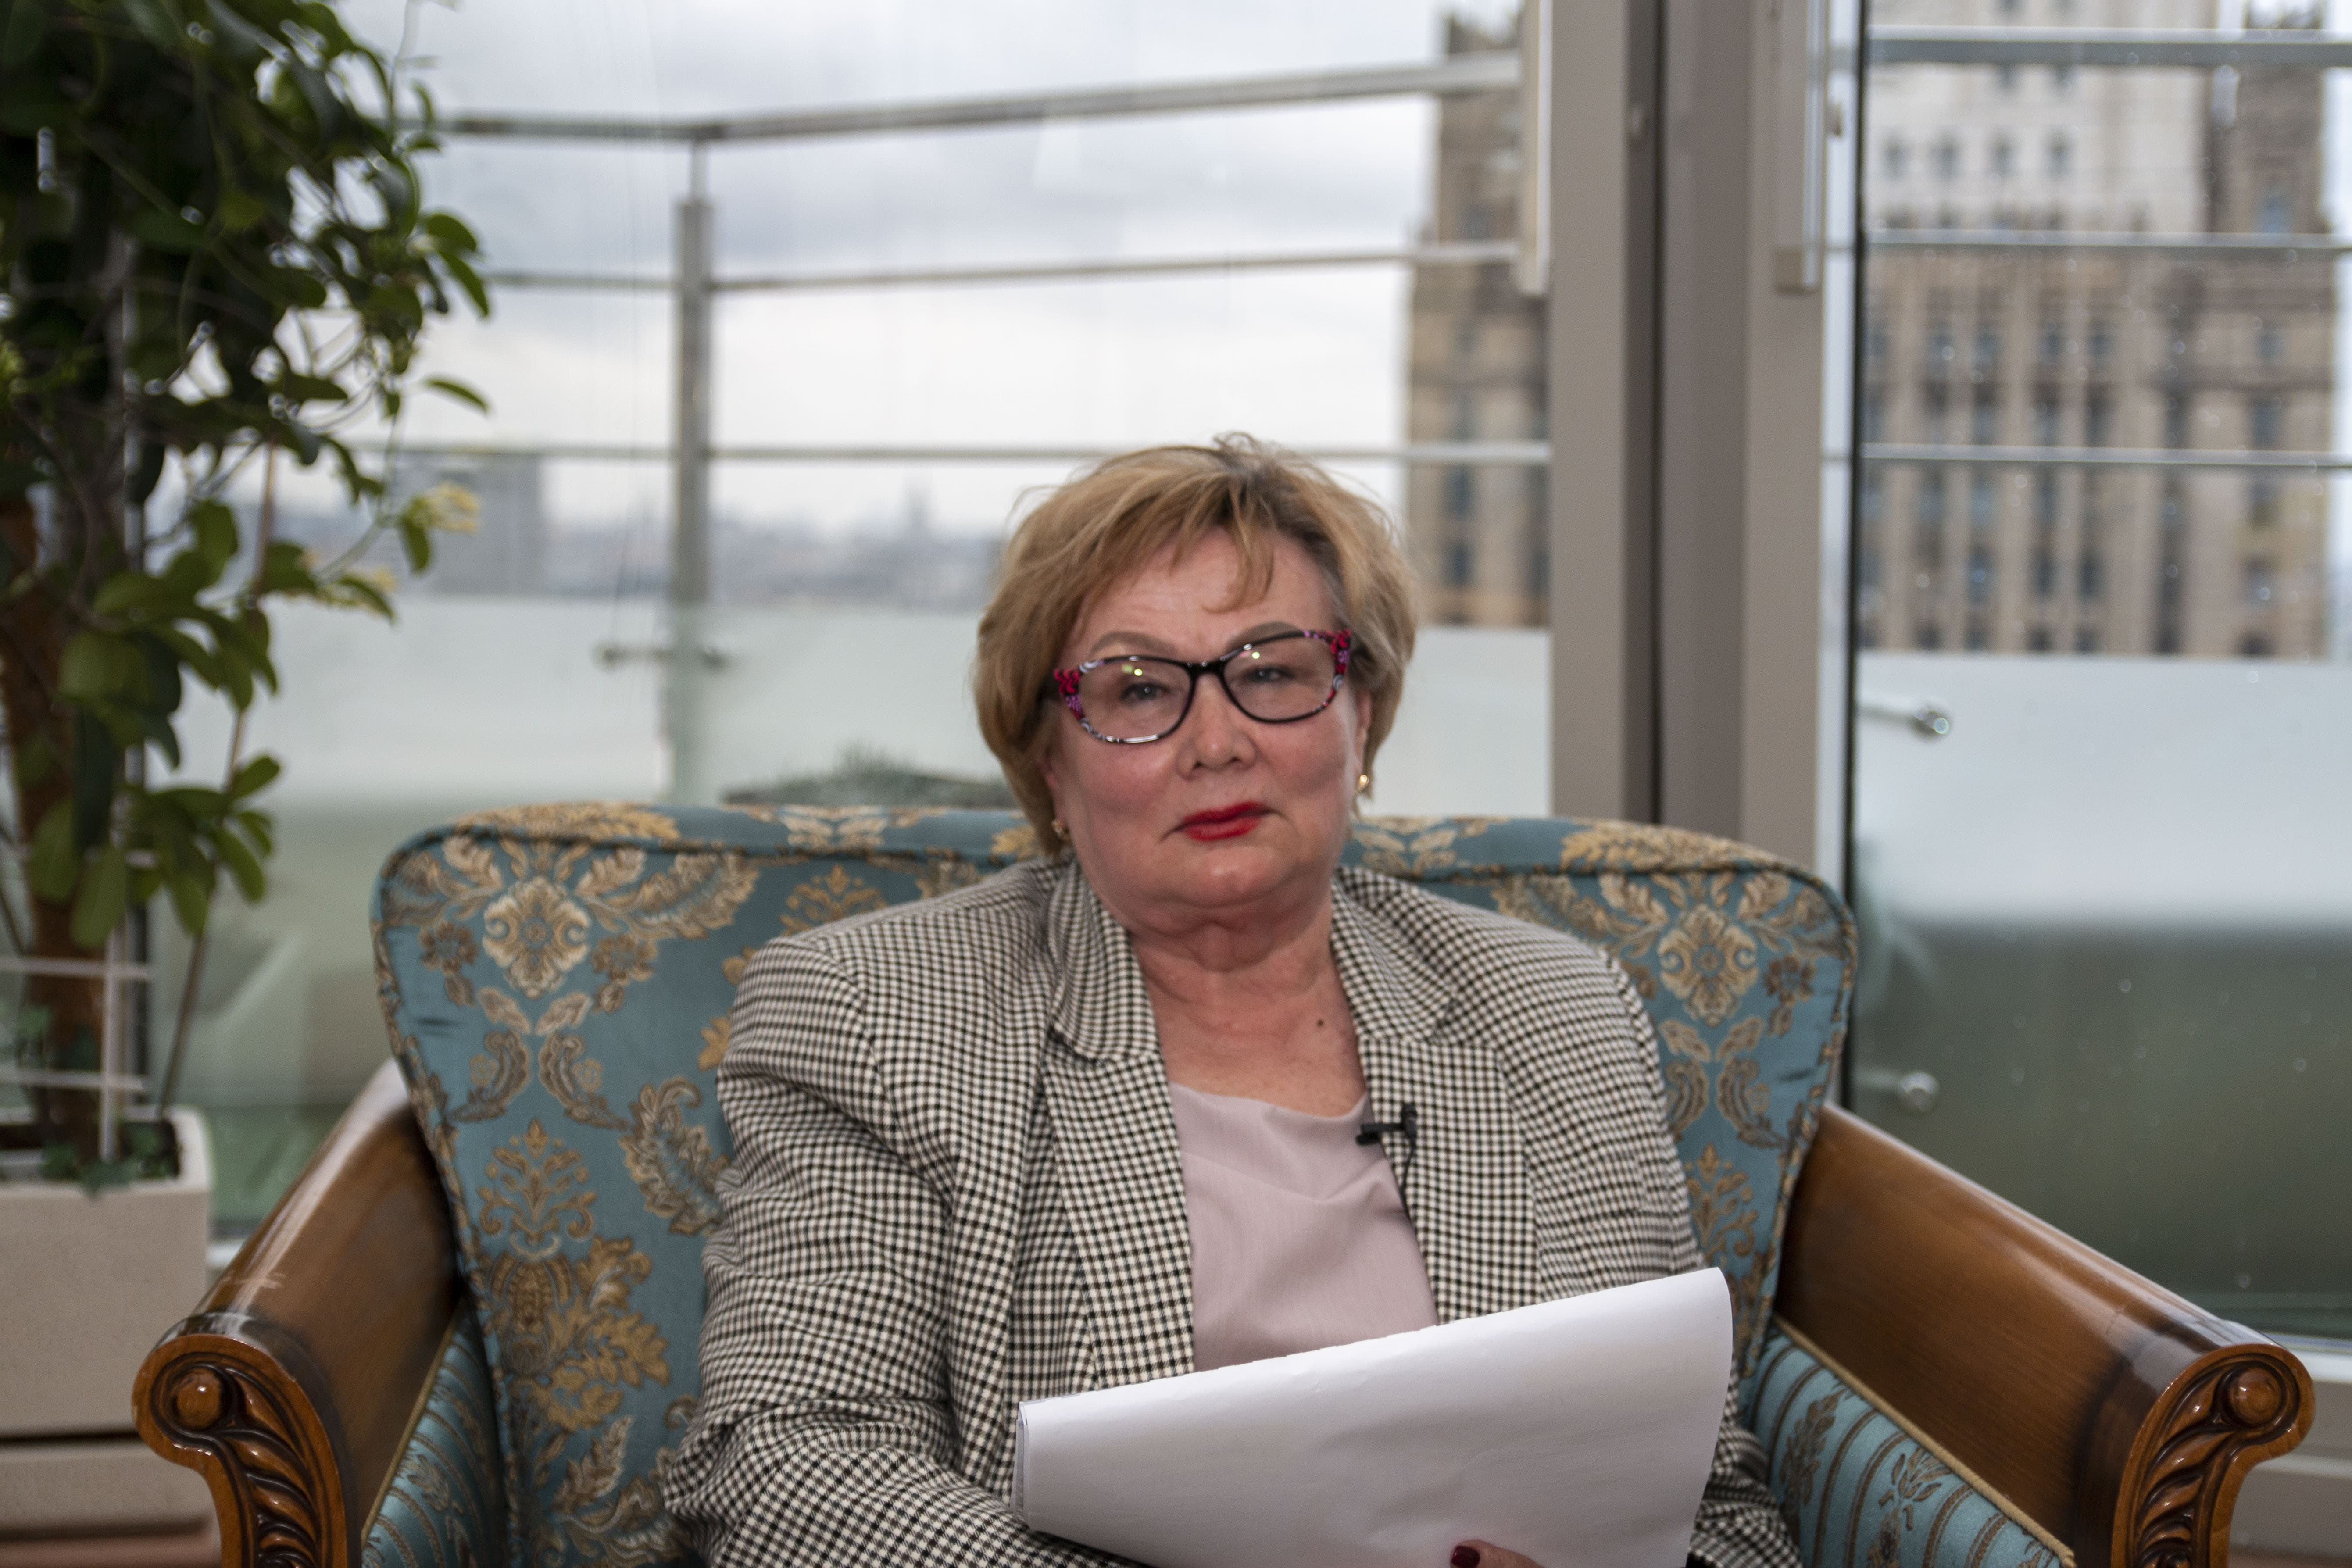 Заседание, посвященное старту конкурса грантовых проектов: эксперт конкурса Татьяна Болотина